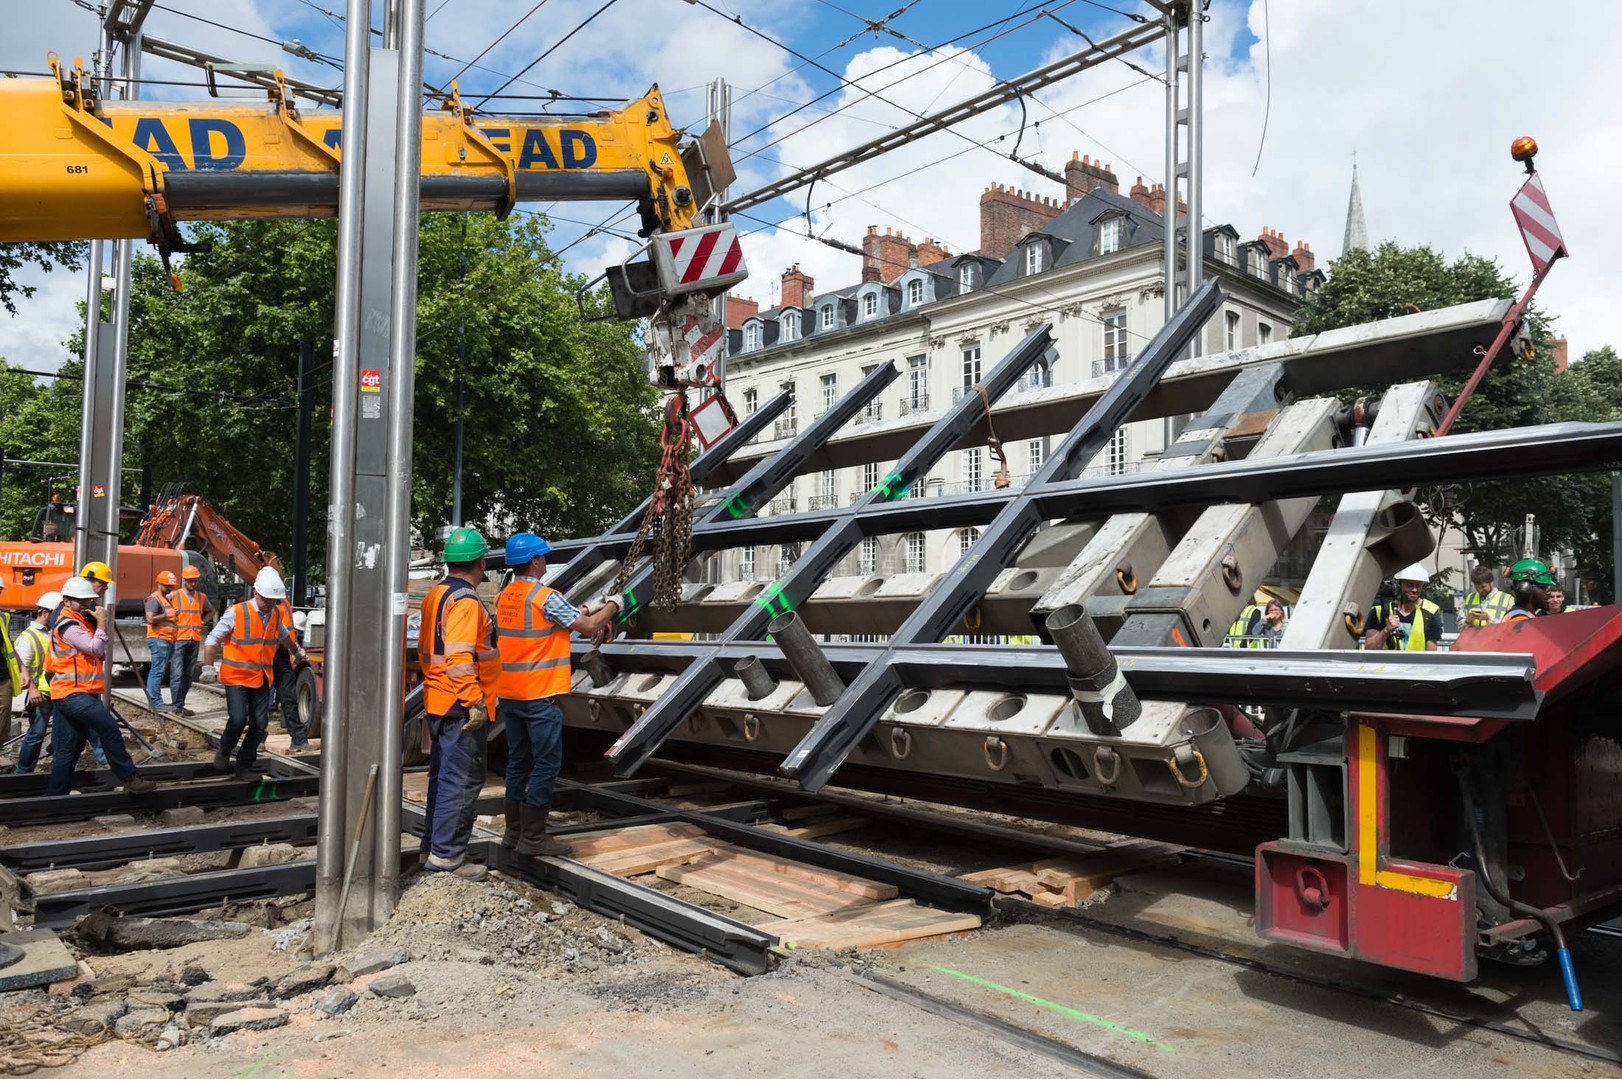 Pose du nouvel échangeur des lignes de tramway